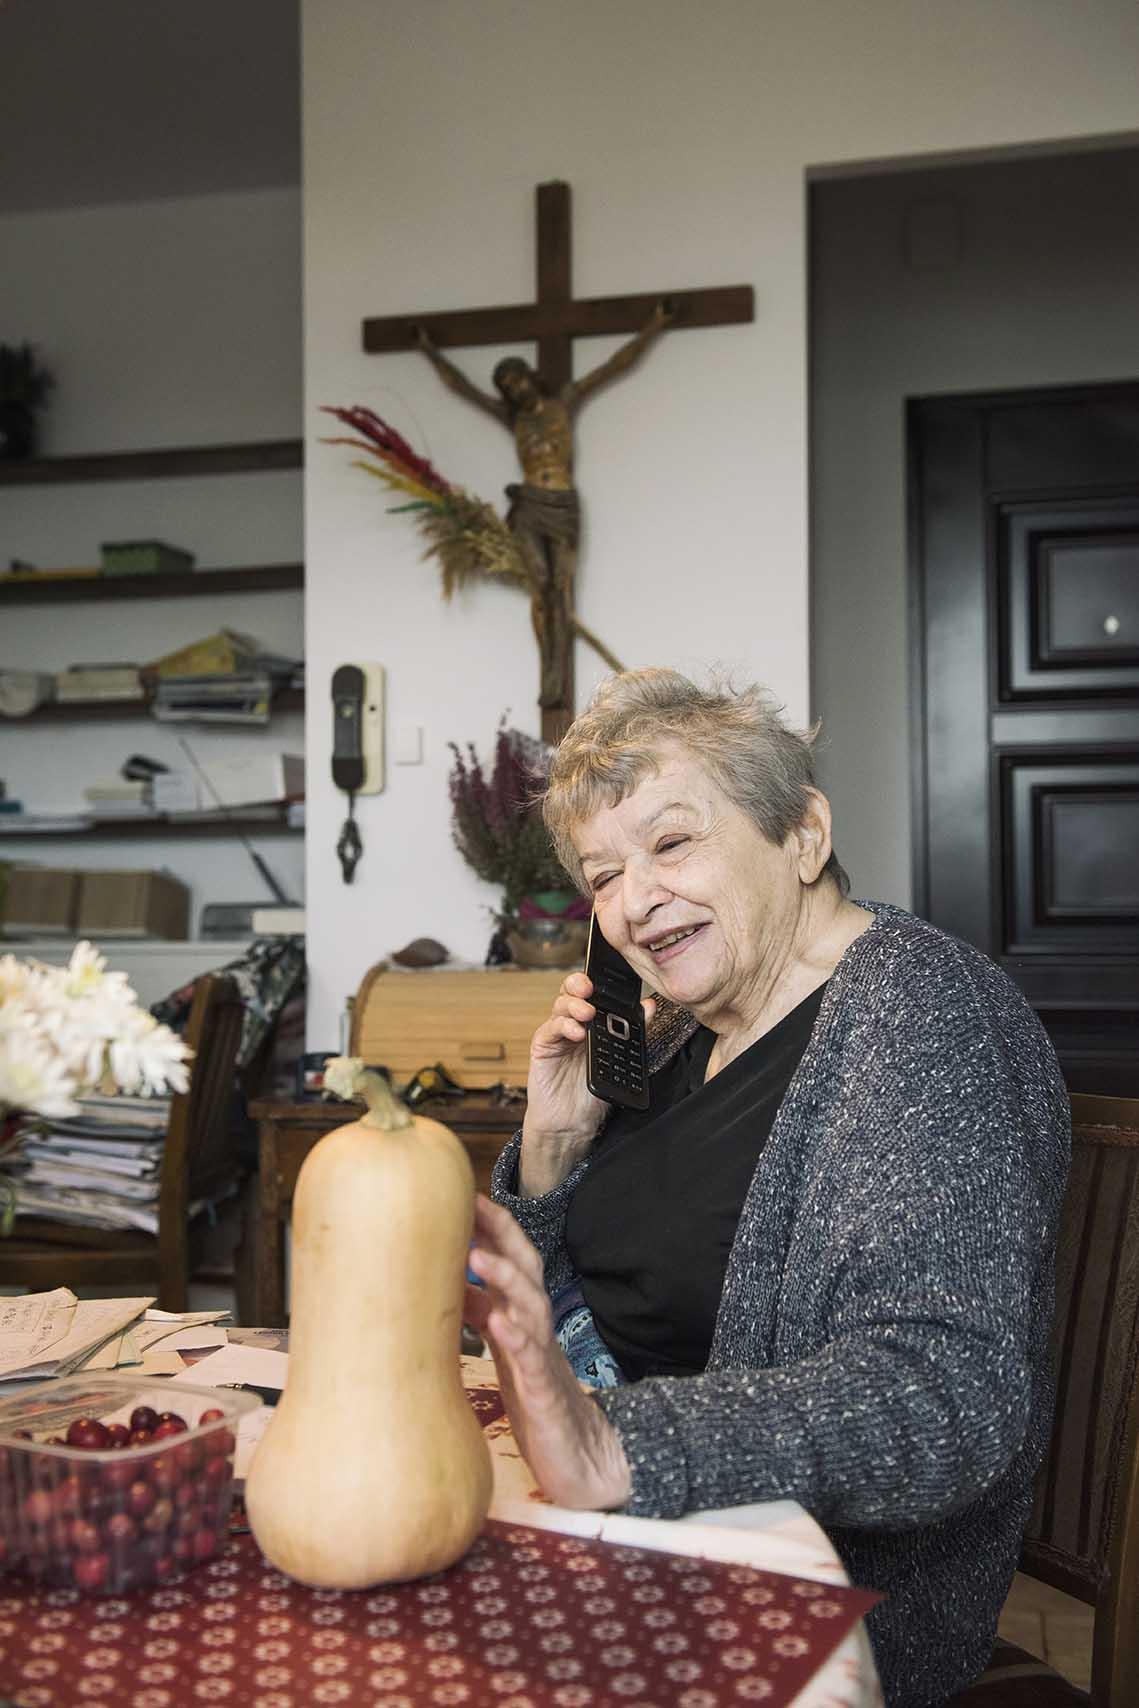 Telefony się urywają. Jak na swój wiek i problemy ze wzrokiem Pani Halina jest niezwykle aktywa. Z dyni zaraz powstanie zupa.